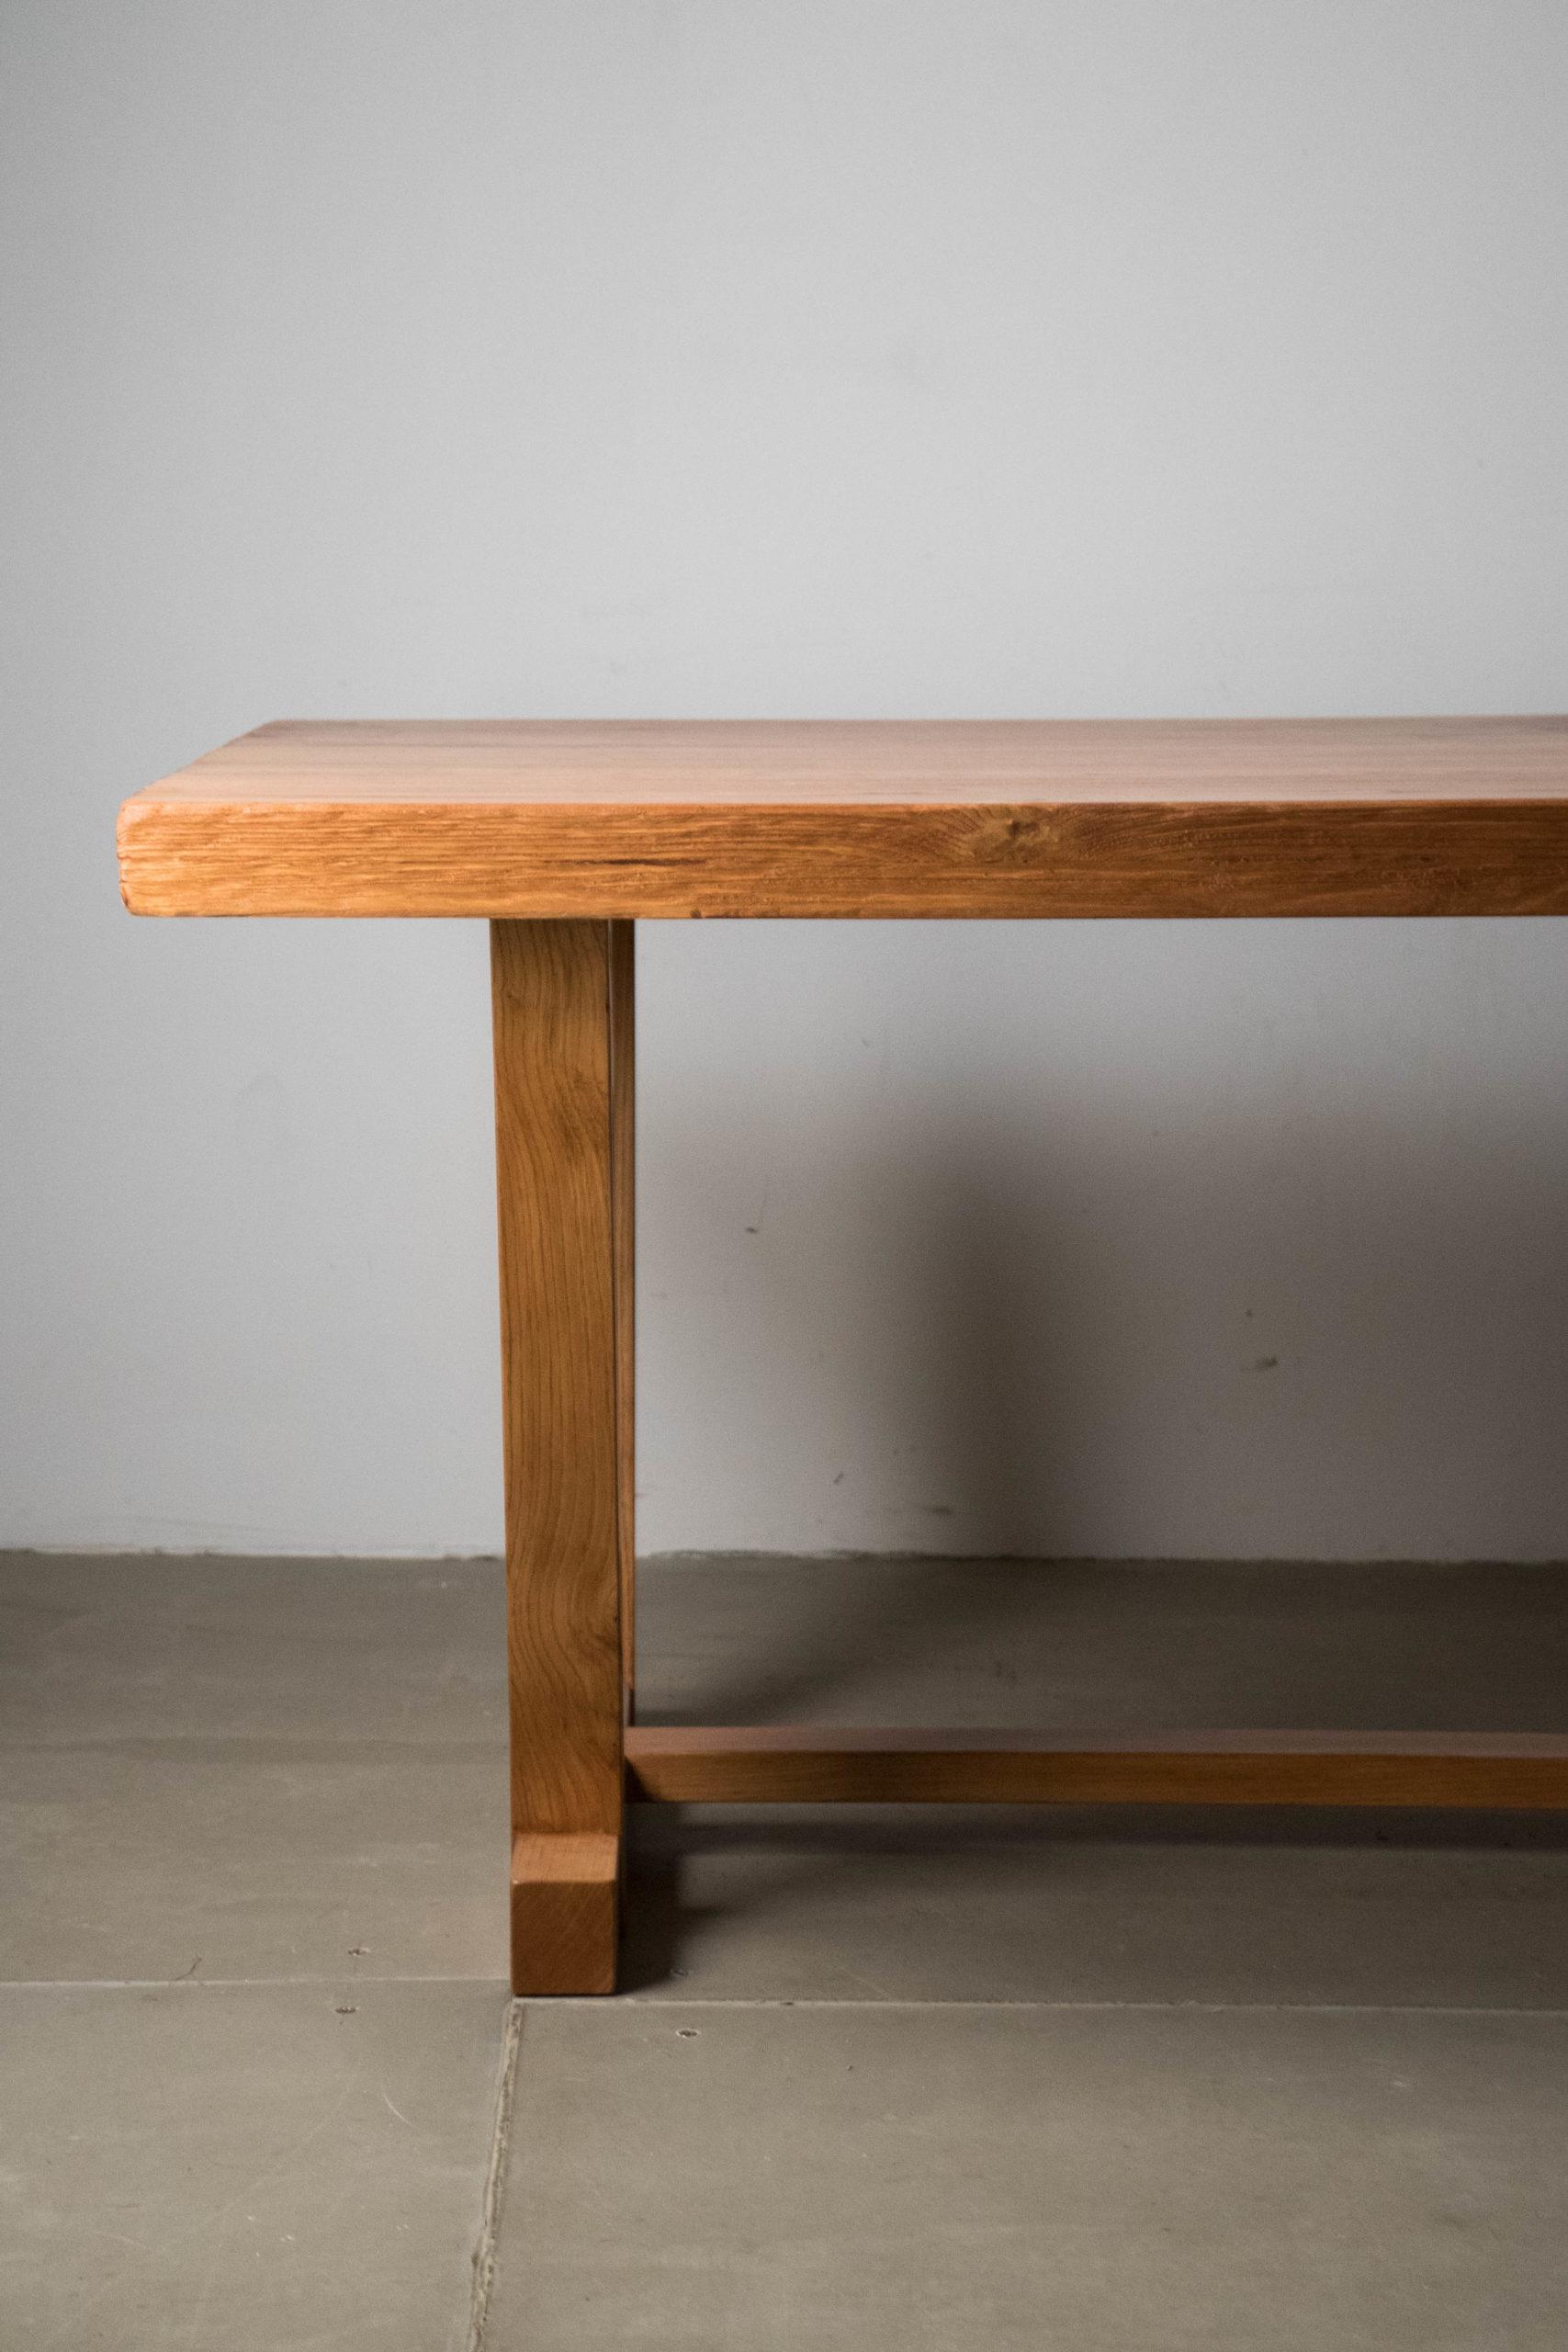 mesa de madera maciza tablero de espesor calidad a medida